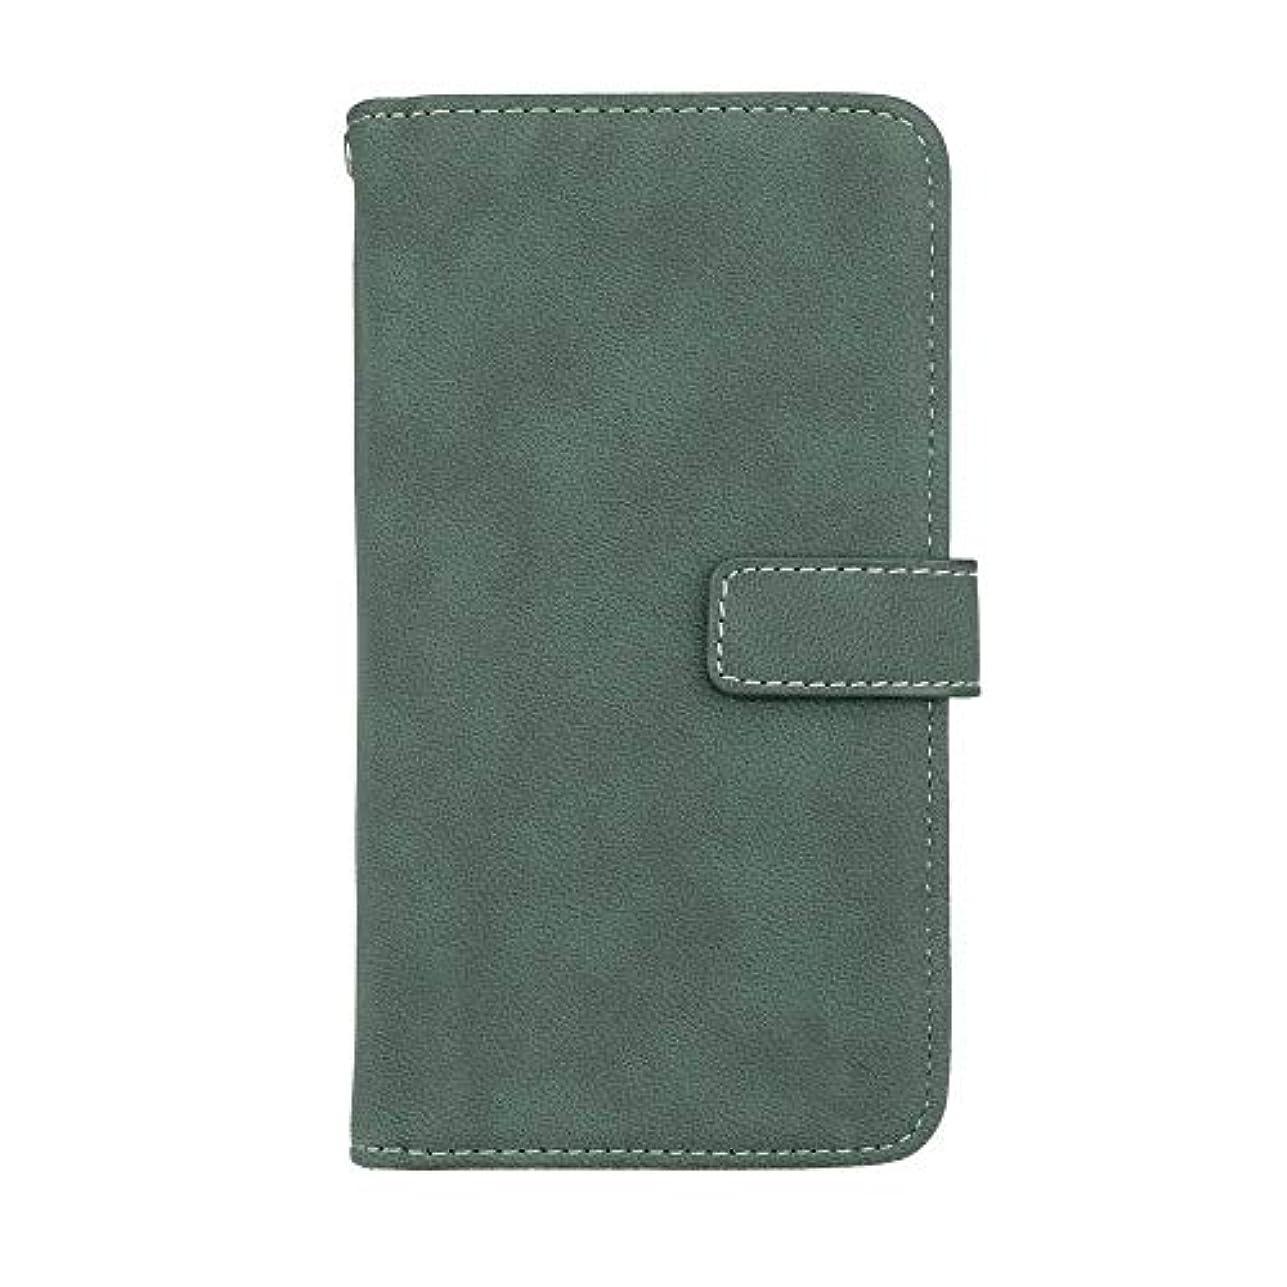 導出ページ割り当てXiaomi Redmi Note 4X 高品質 マグネット ケース, CUNUS 携帯電話 ケース 軽量 柔軟 高品質 耐摩擦 カード収納 カバー Xiaomi Redmi Note 4X 用, グリーン